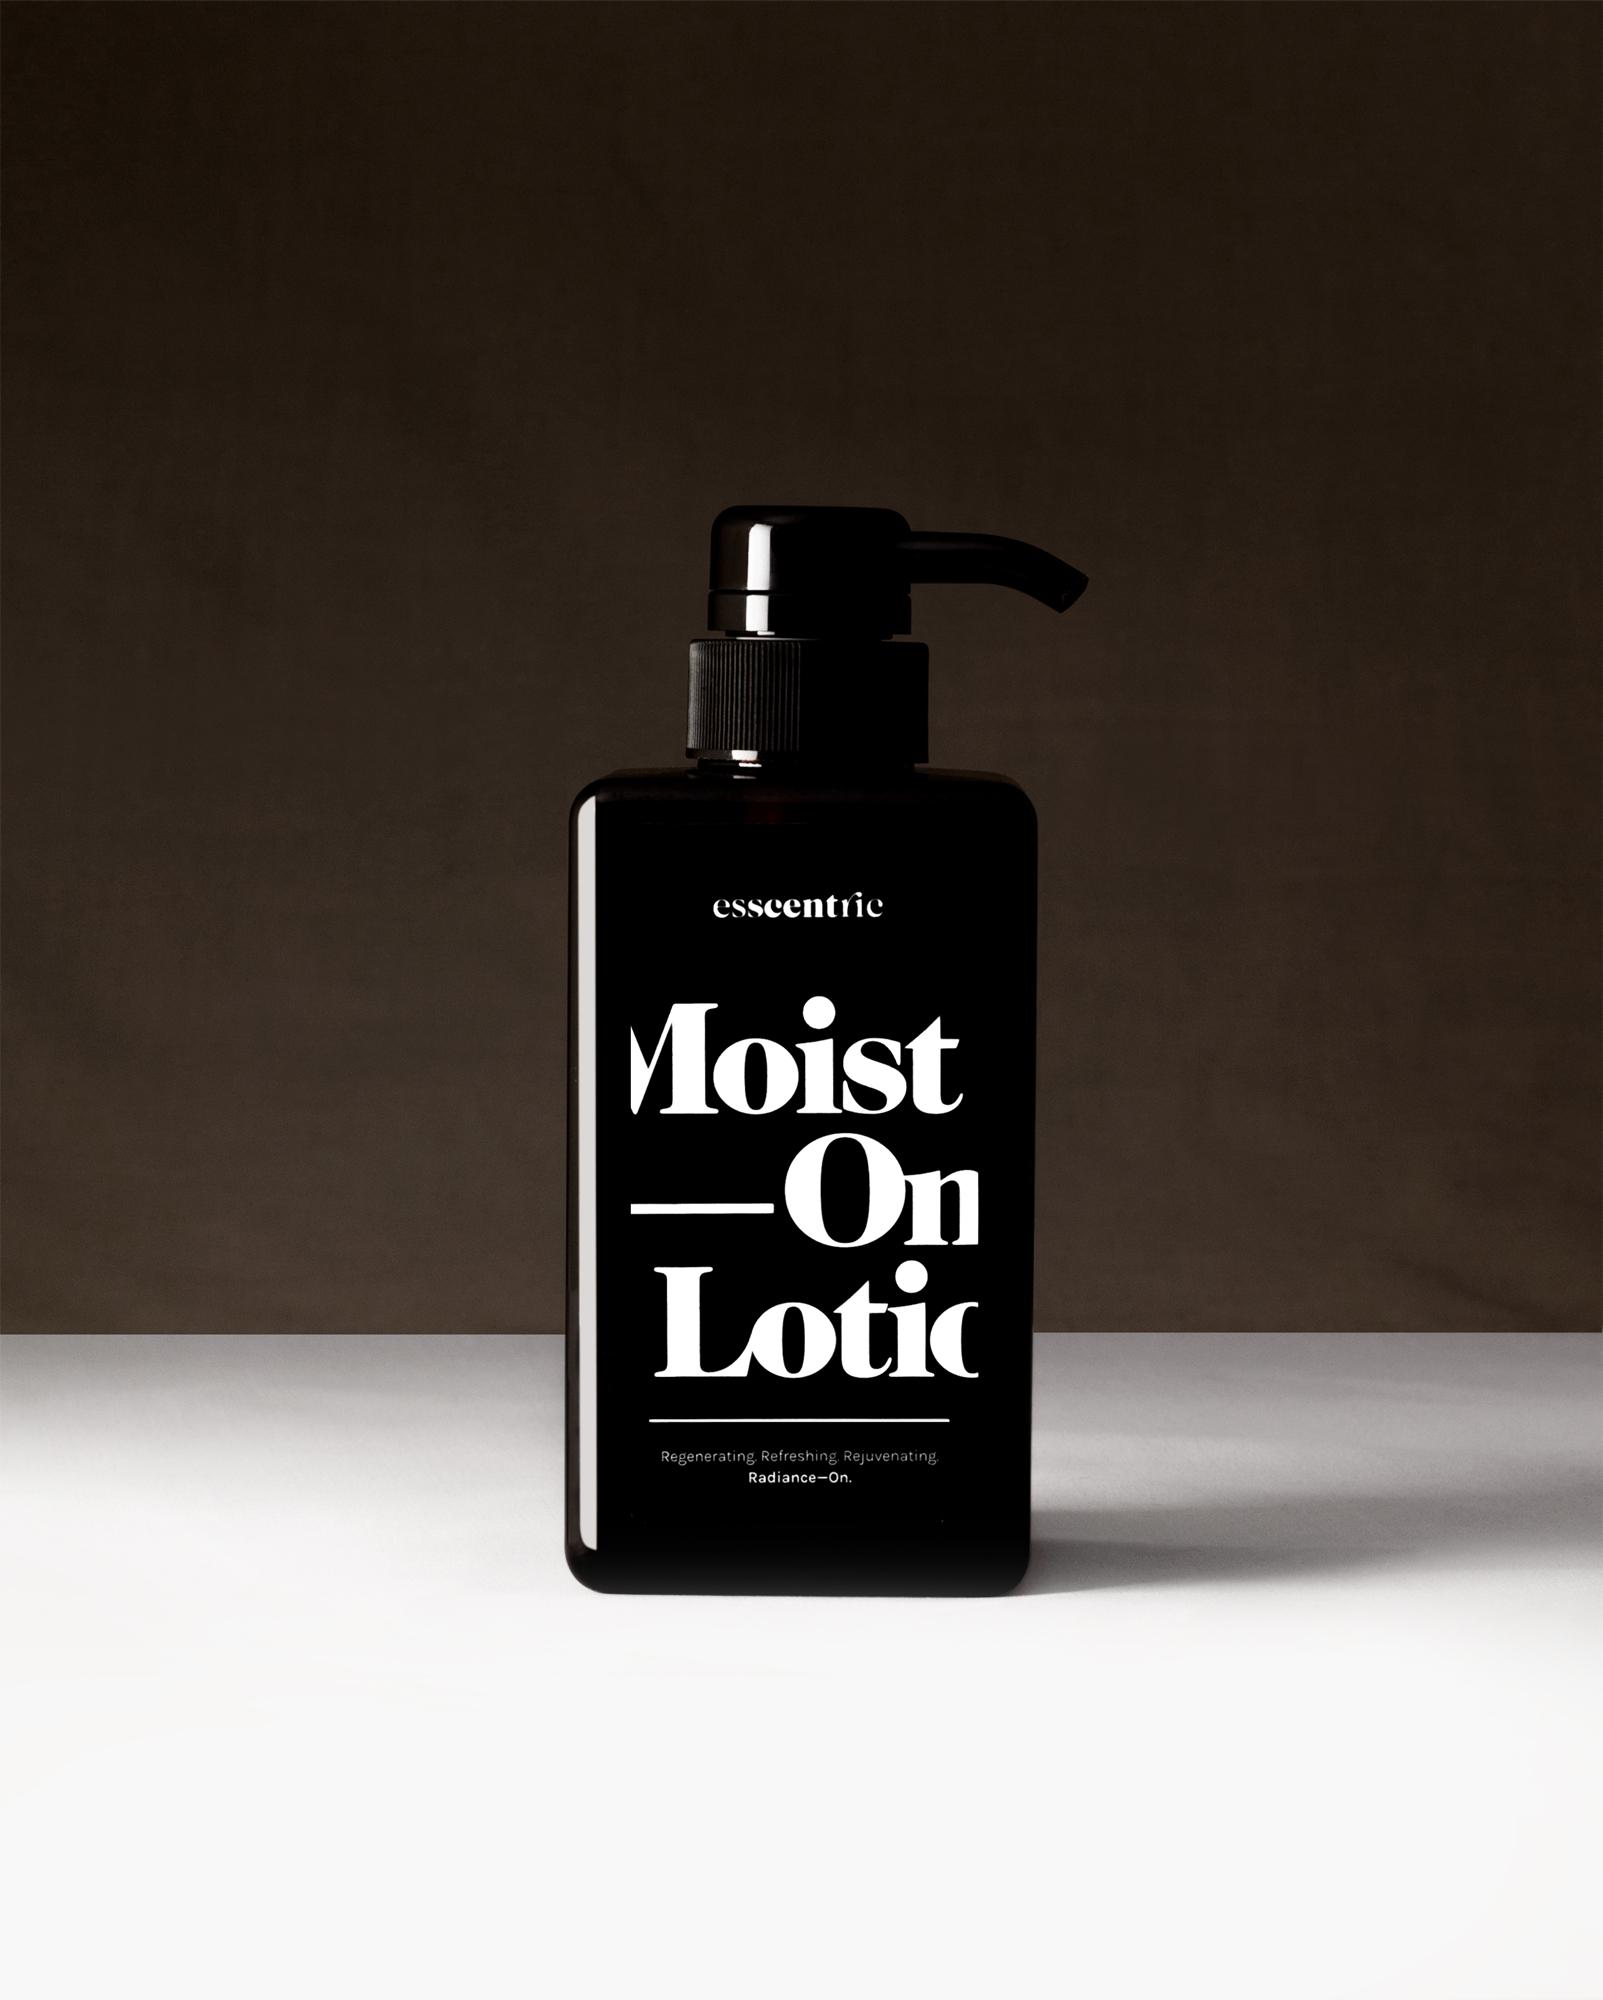 Moist-On Lotion